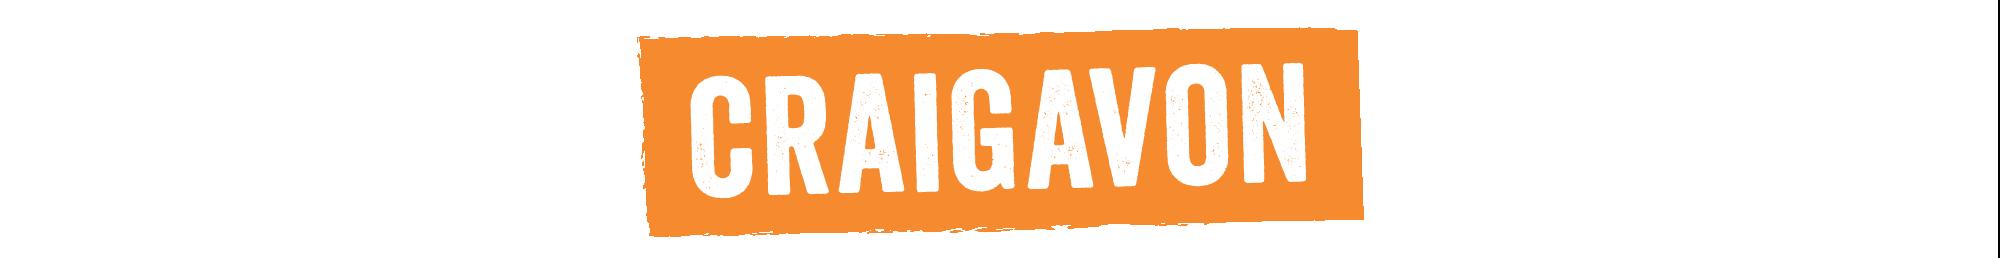 CRAIGAVON-button.png